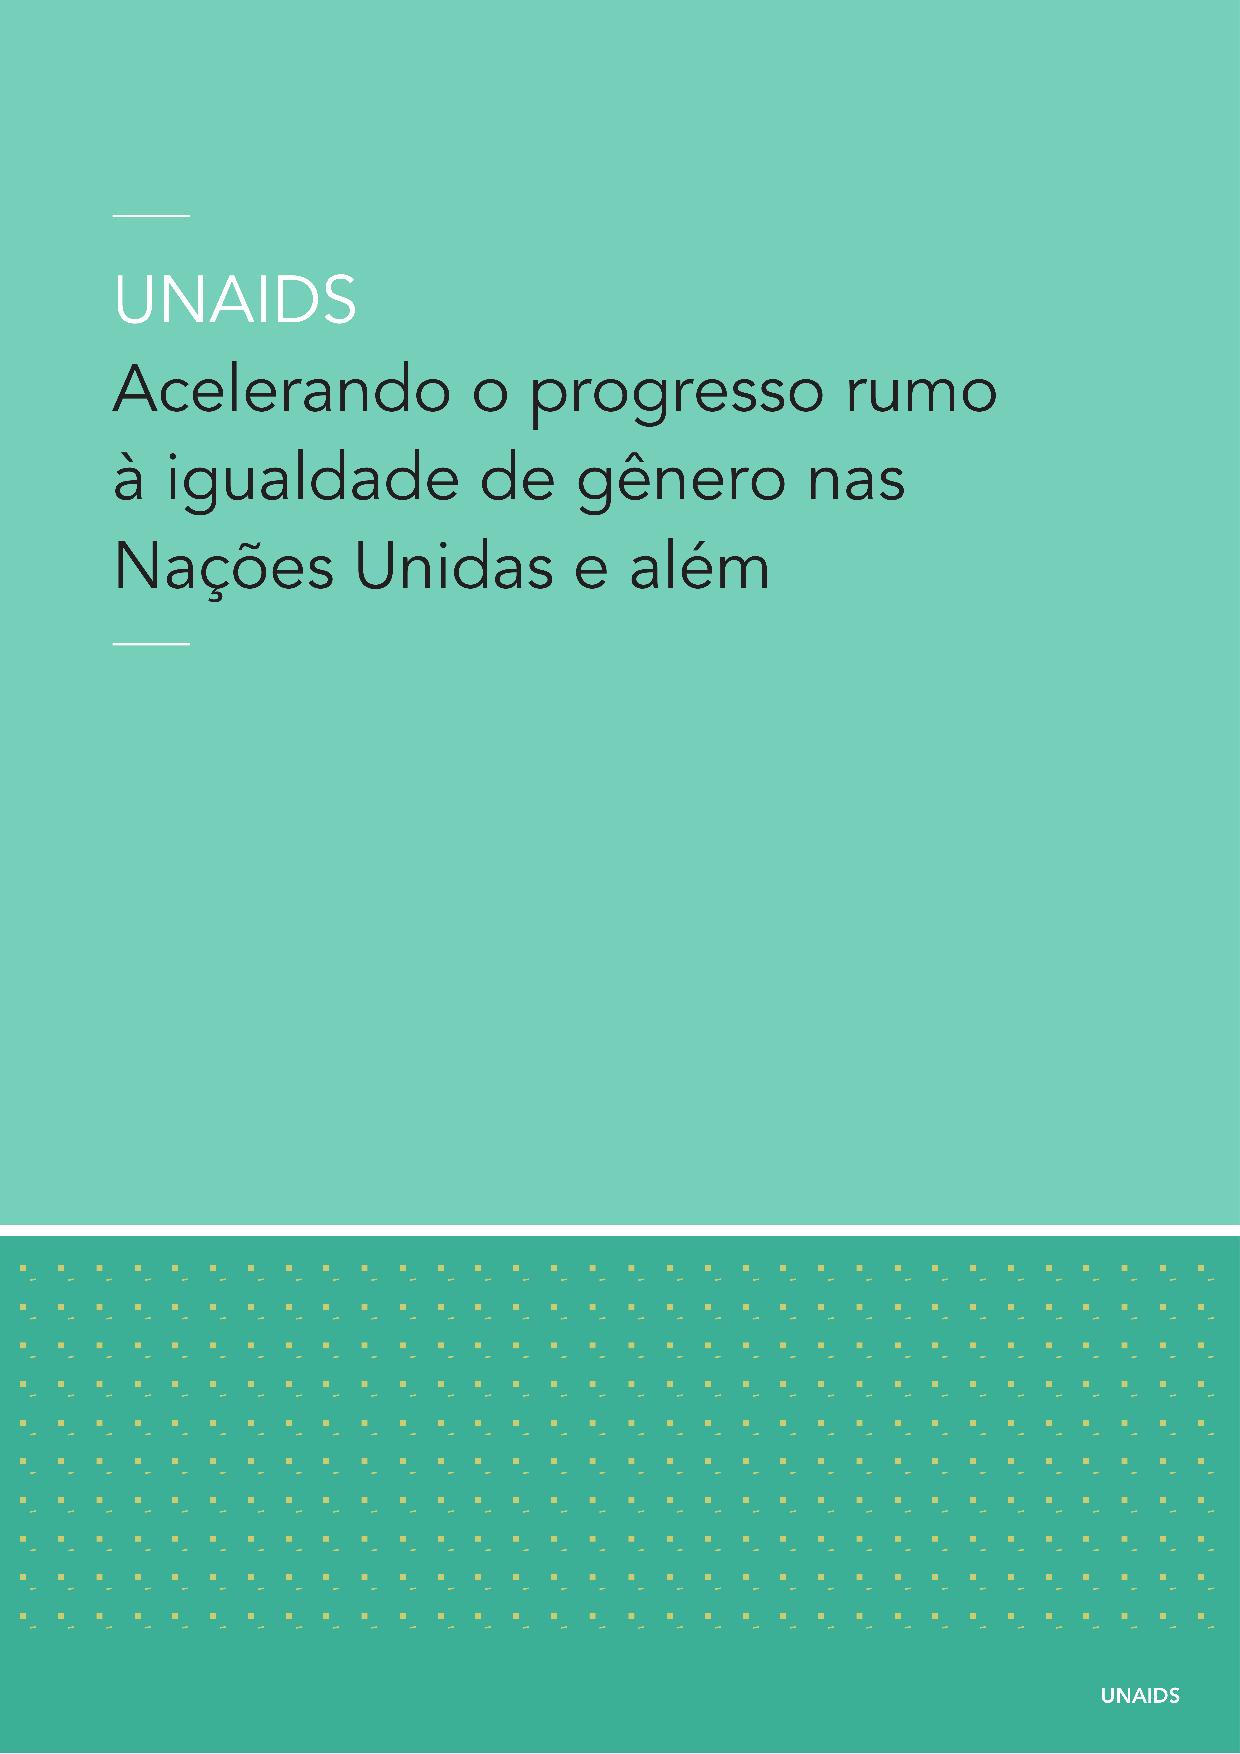 2018 UNAIDS ACELERANDO O PROGRESSO RUMO À IGUALDADE DE GÊNERO NAS NAÇÕES UNIDAS E ALÉM